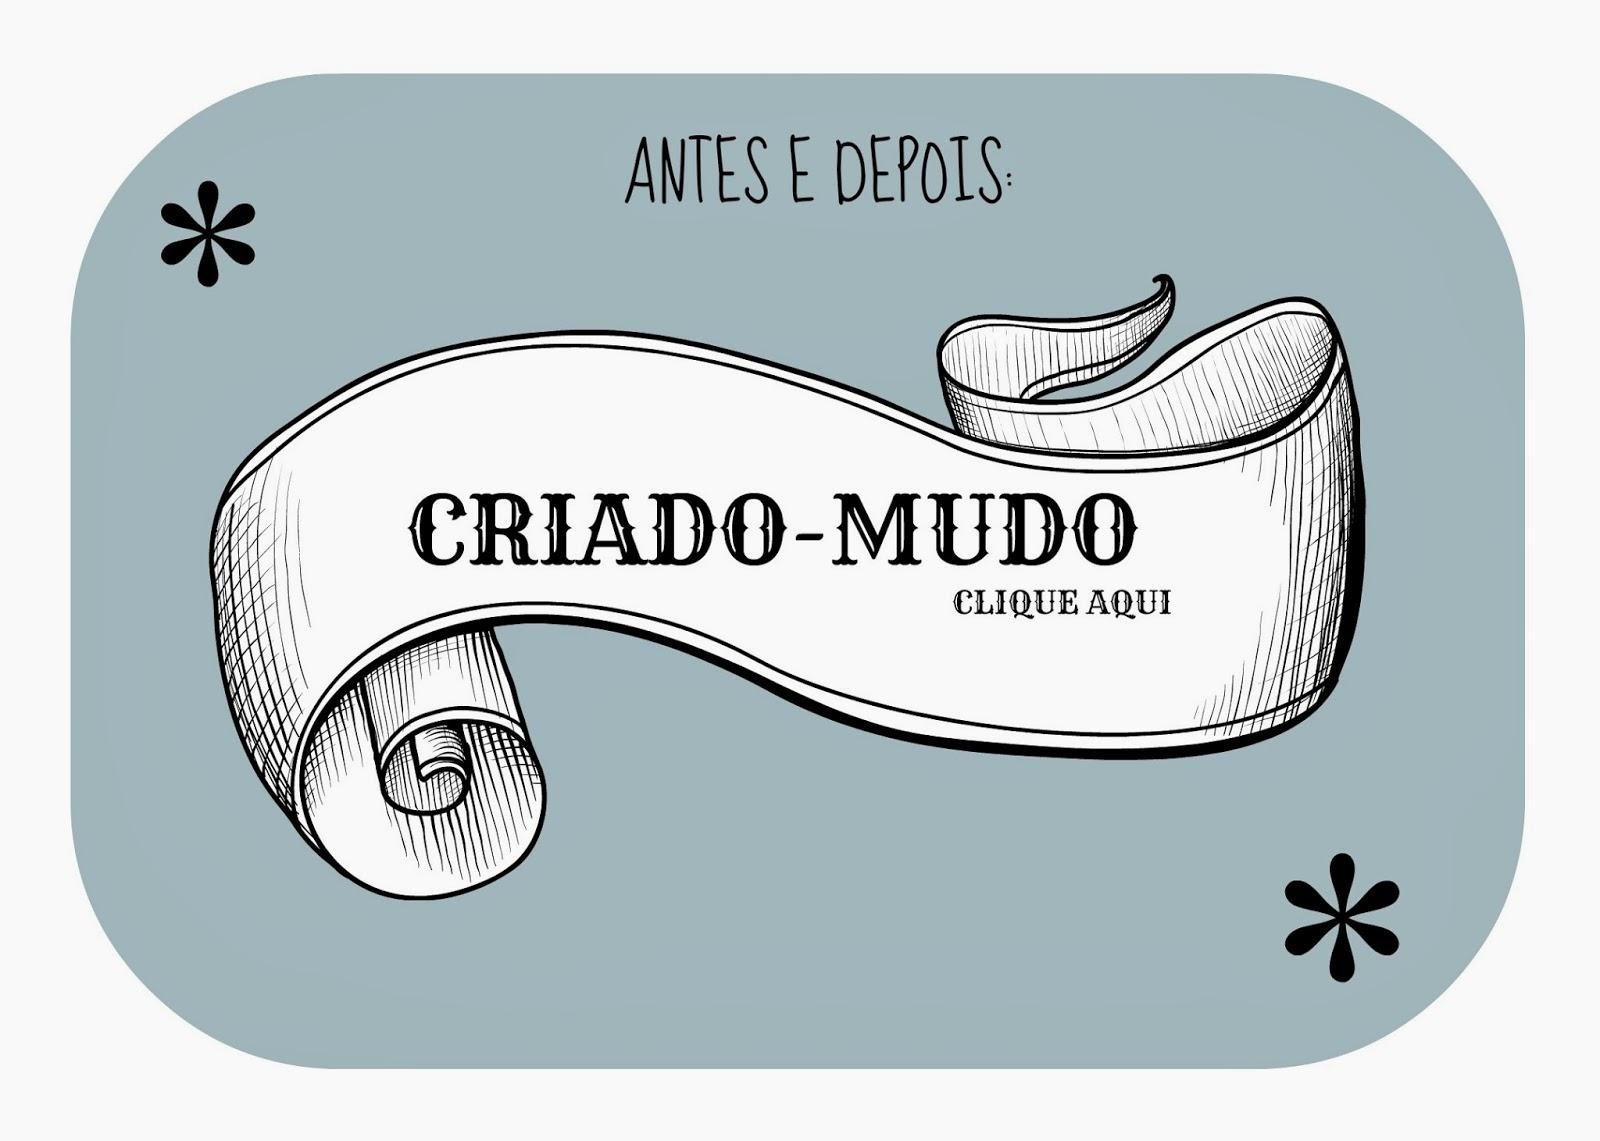 CRIADO MUDO ANTES E DEPOIS